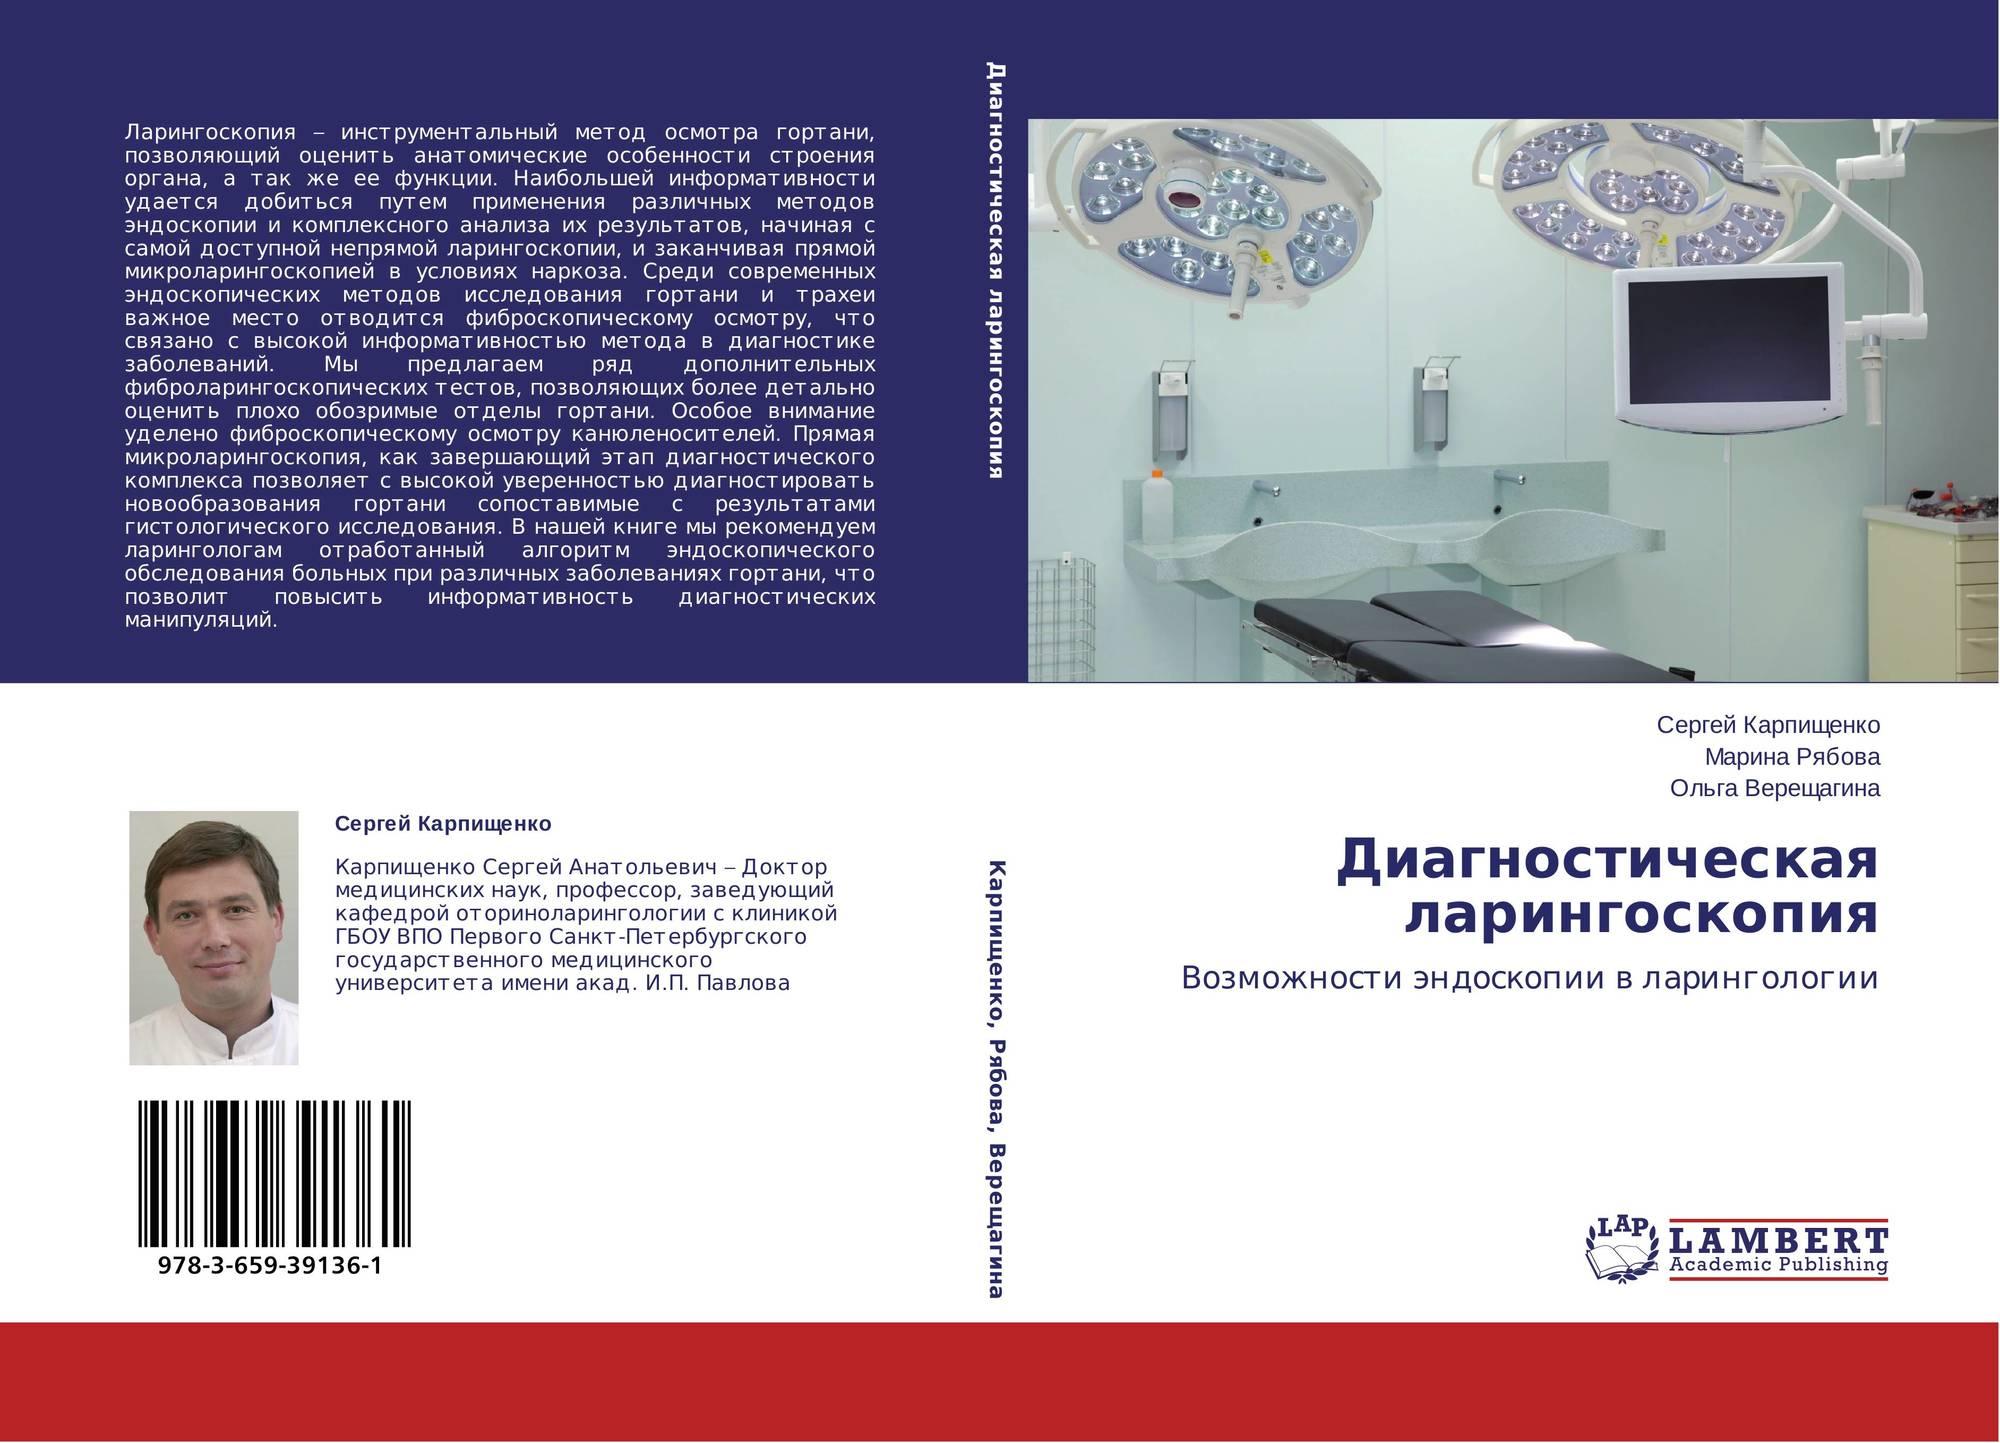 Ларингоскопия